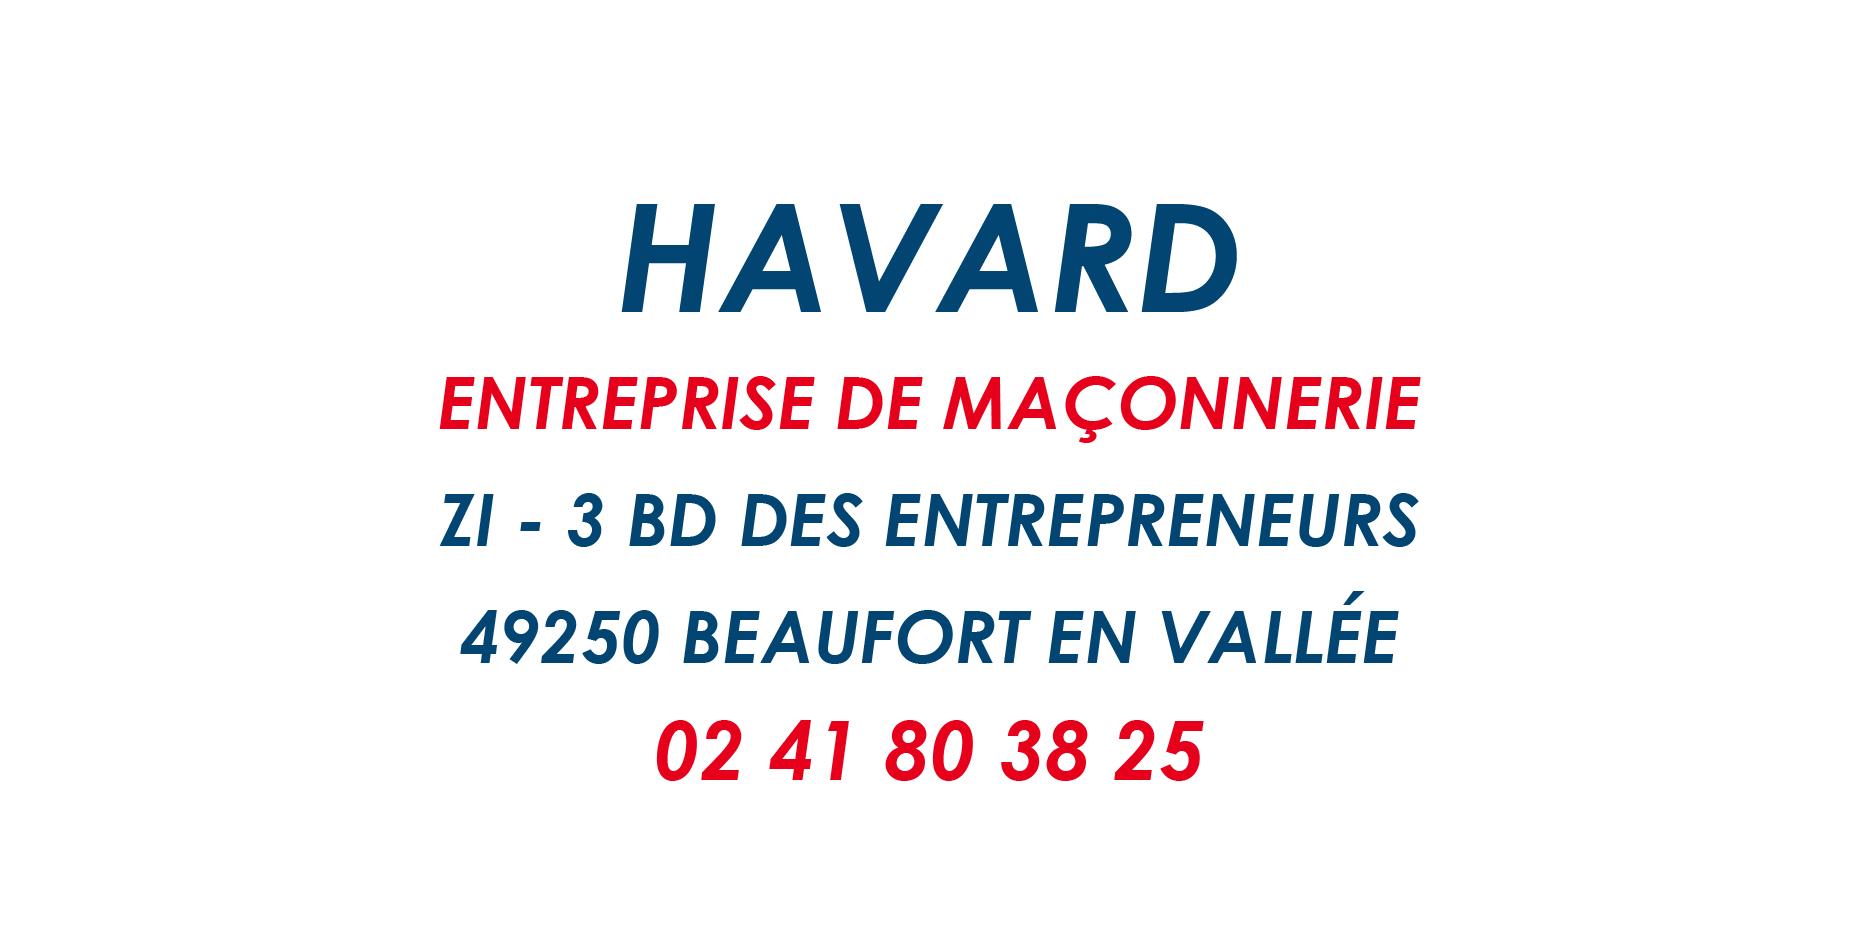 BANDEAU HAVARD